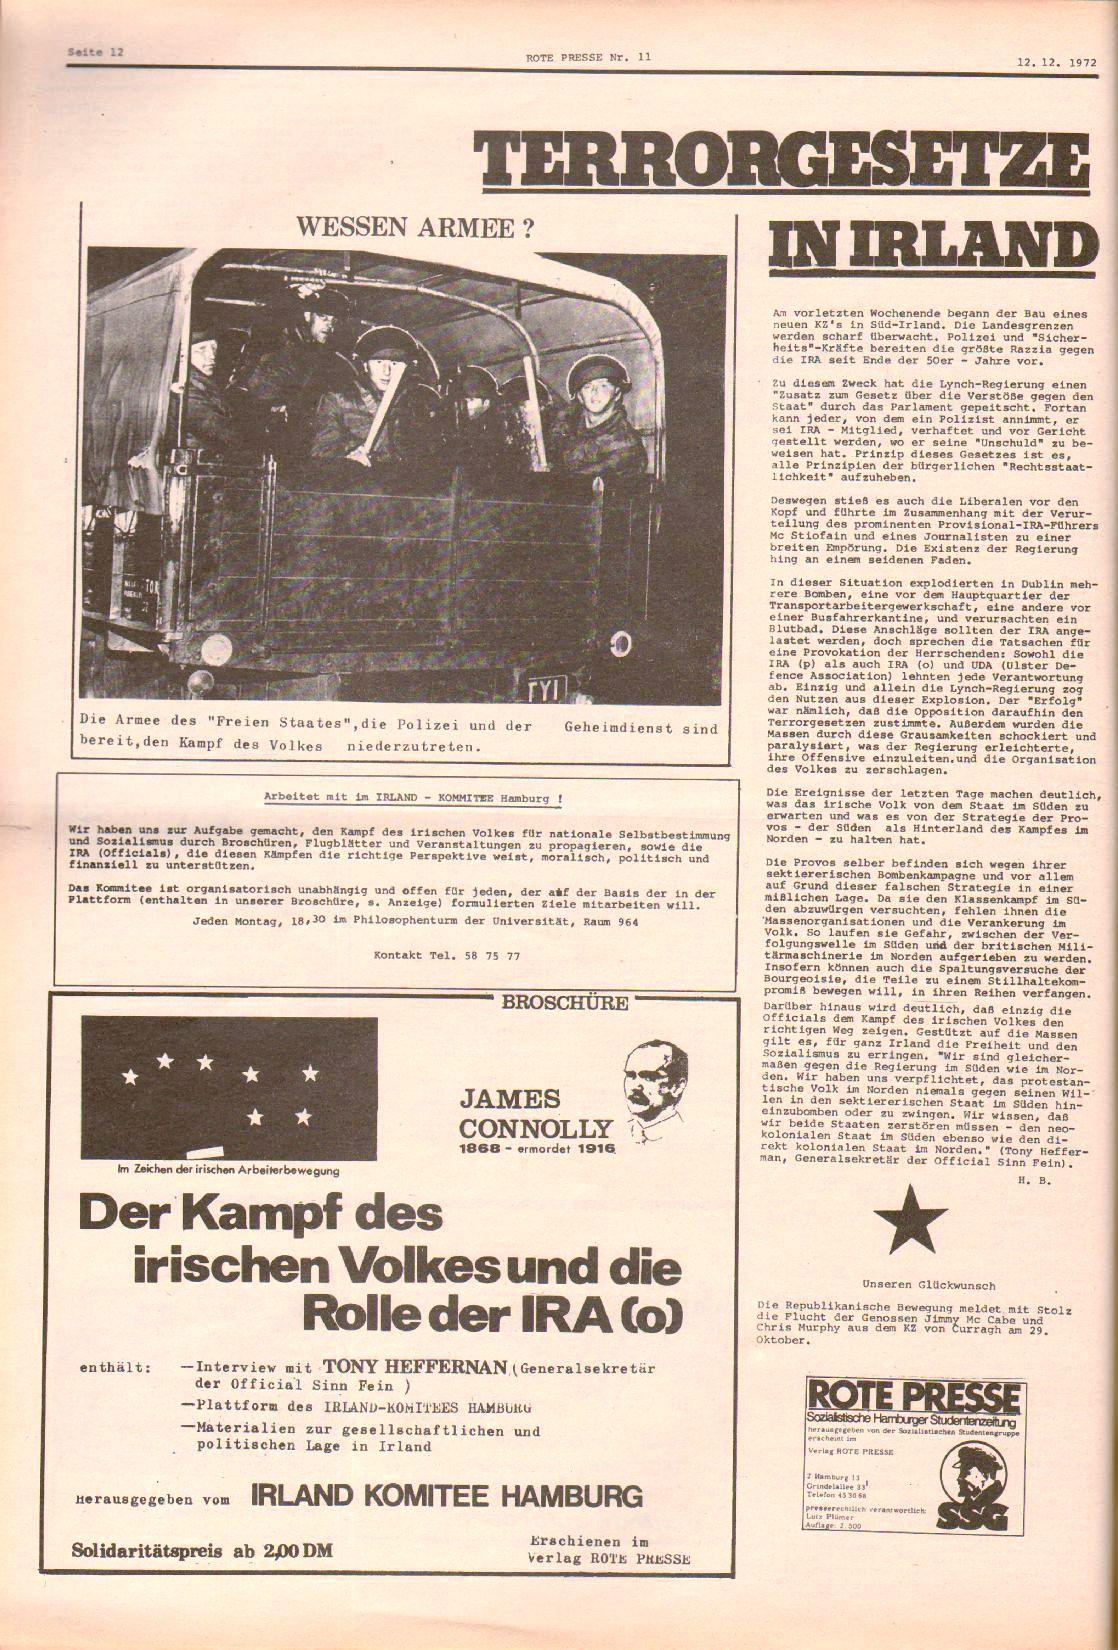 Hamburg_Rote_Presse078